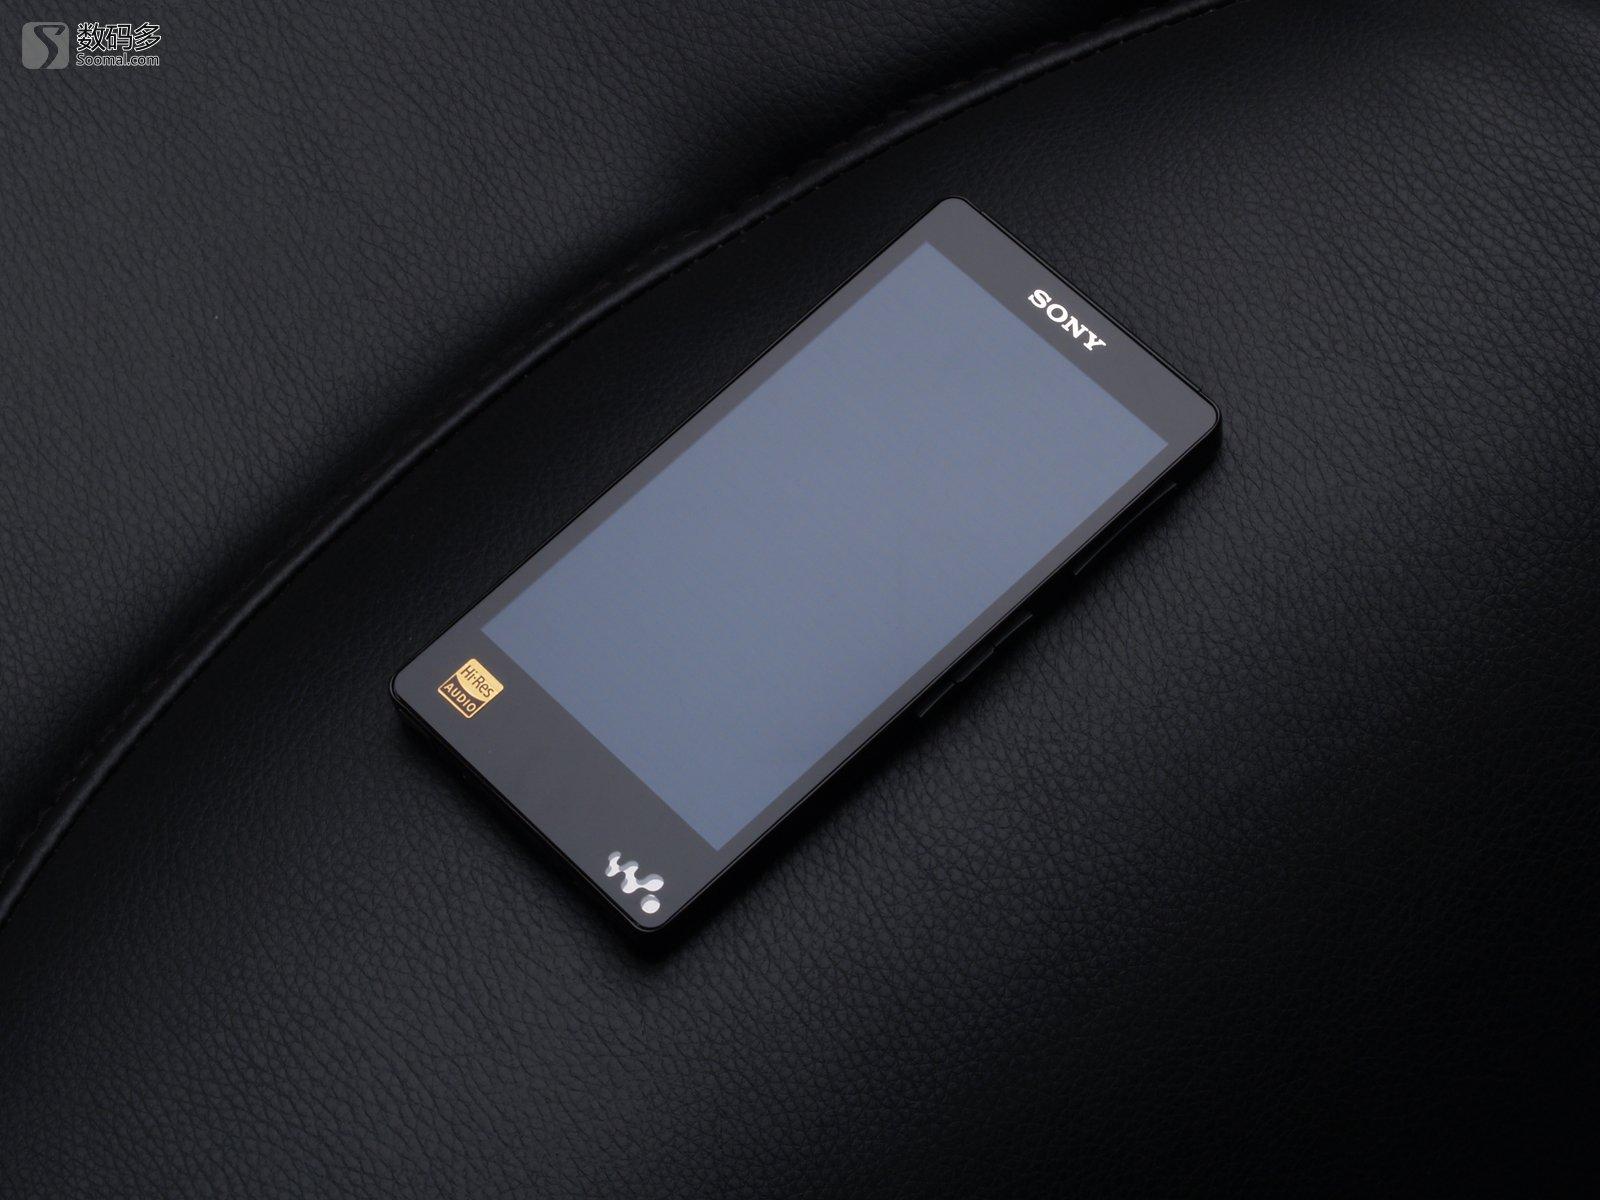 智能影�_sony 索尼 nwz-f885 便携智能影音播放器